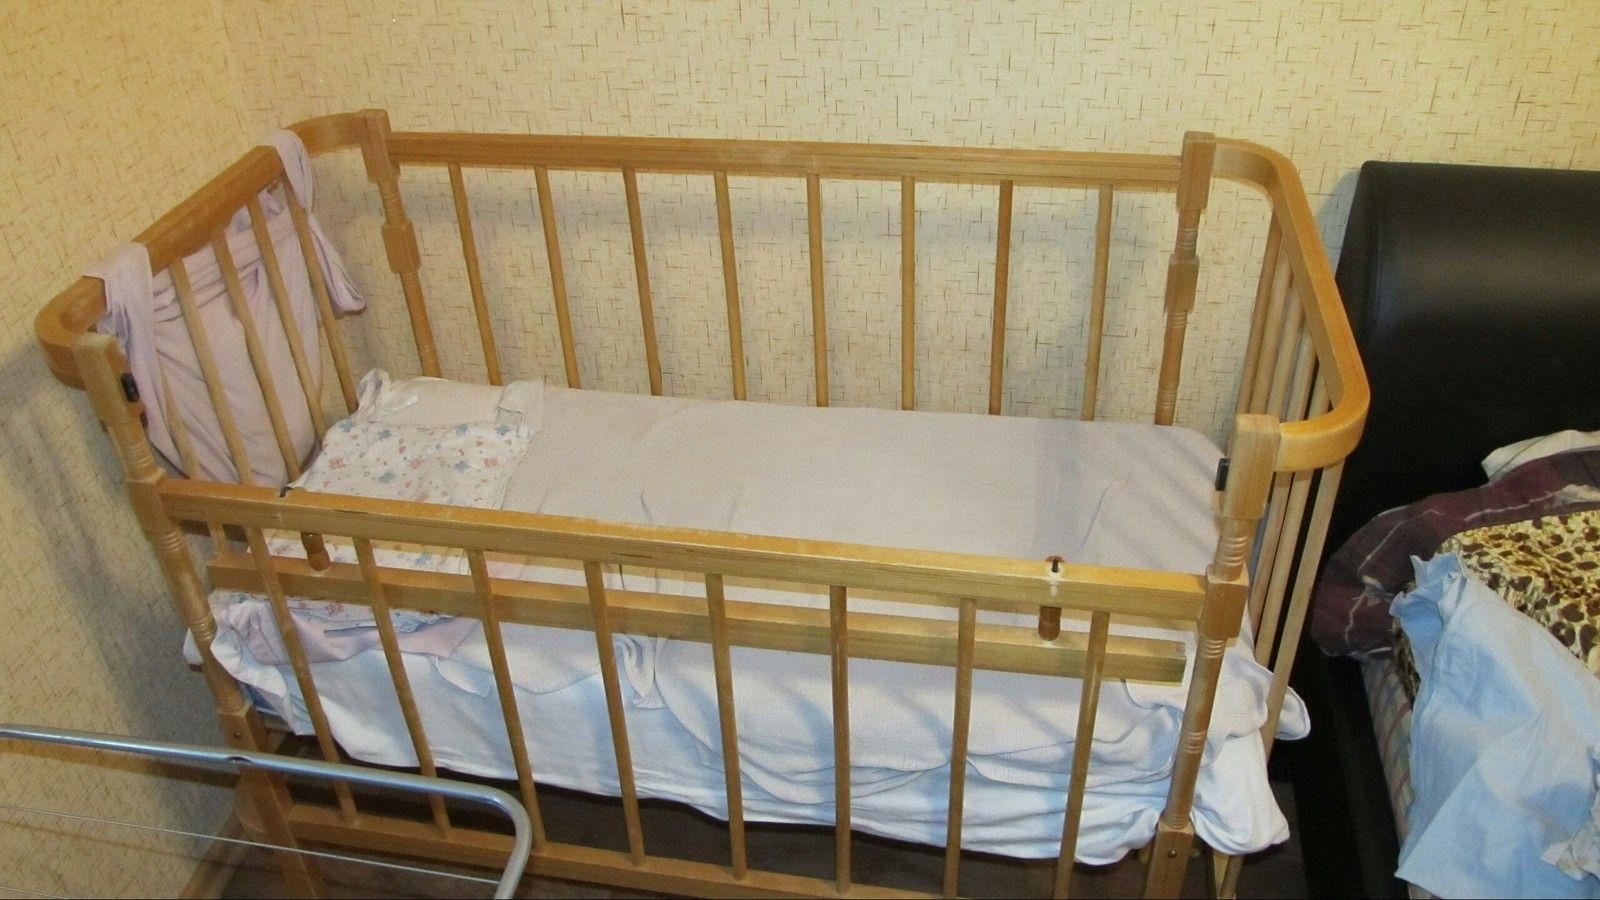 Размеры односпальной кровати: стандарт для взрослого и для детей, одноместная кровать размер по гост